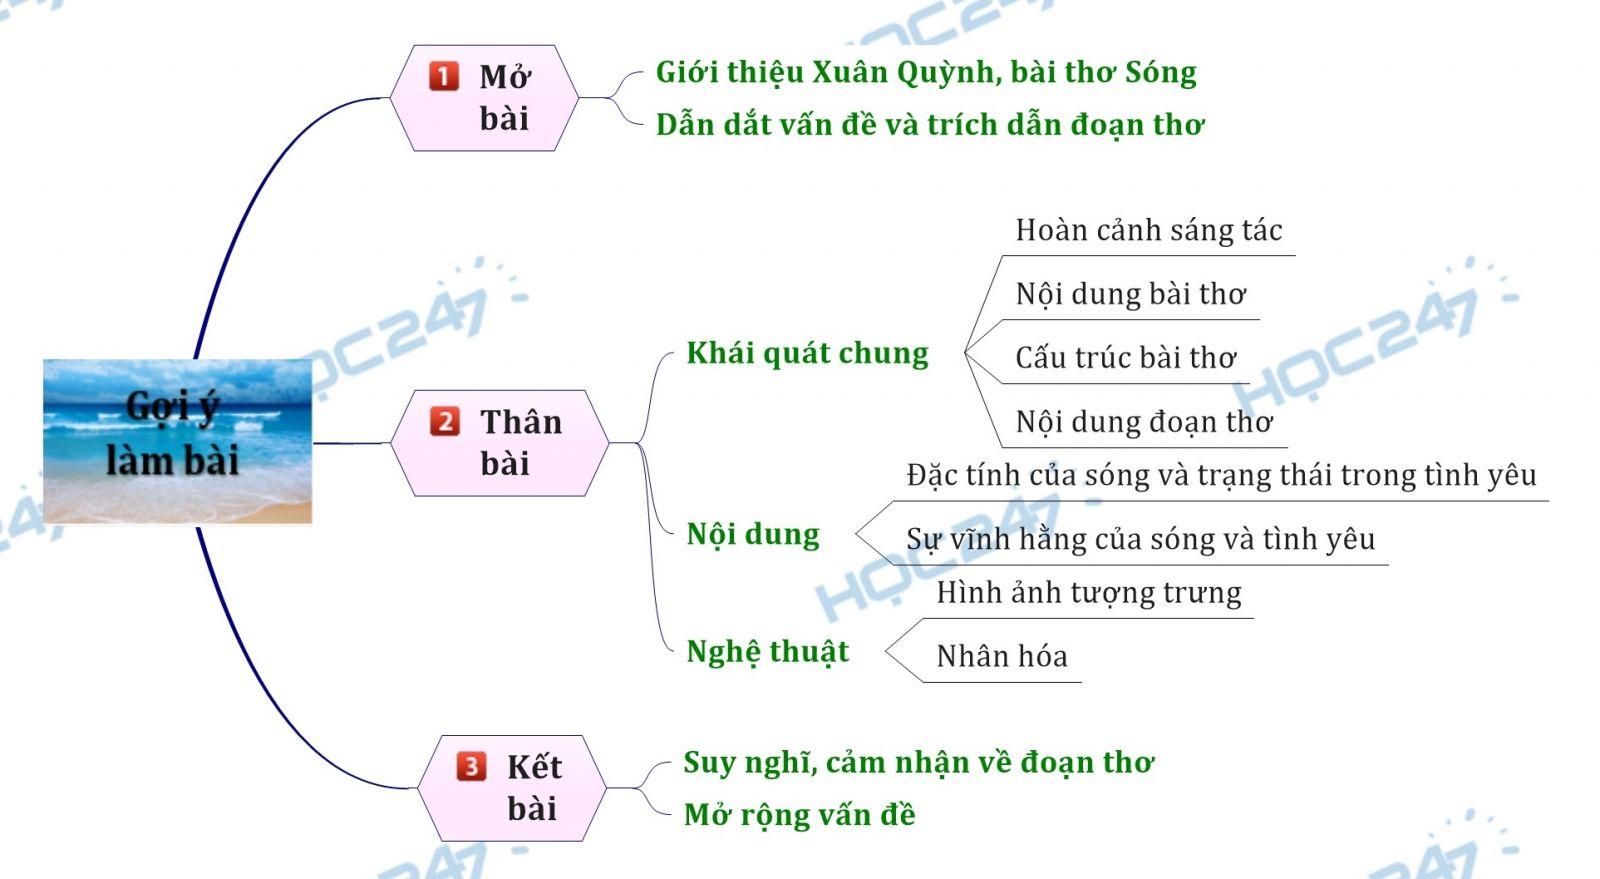 Sơ đồ tư duy - Phân tích hai khổ thơ đầu trong bài thơ Sóng của Xuân Quỳnh